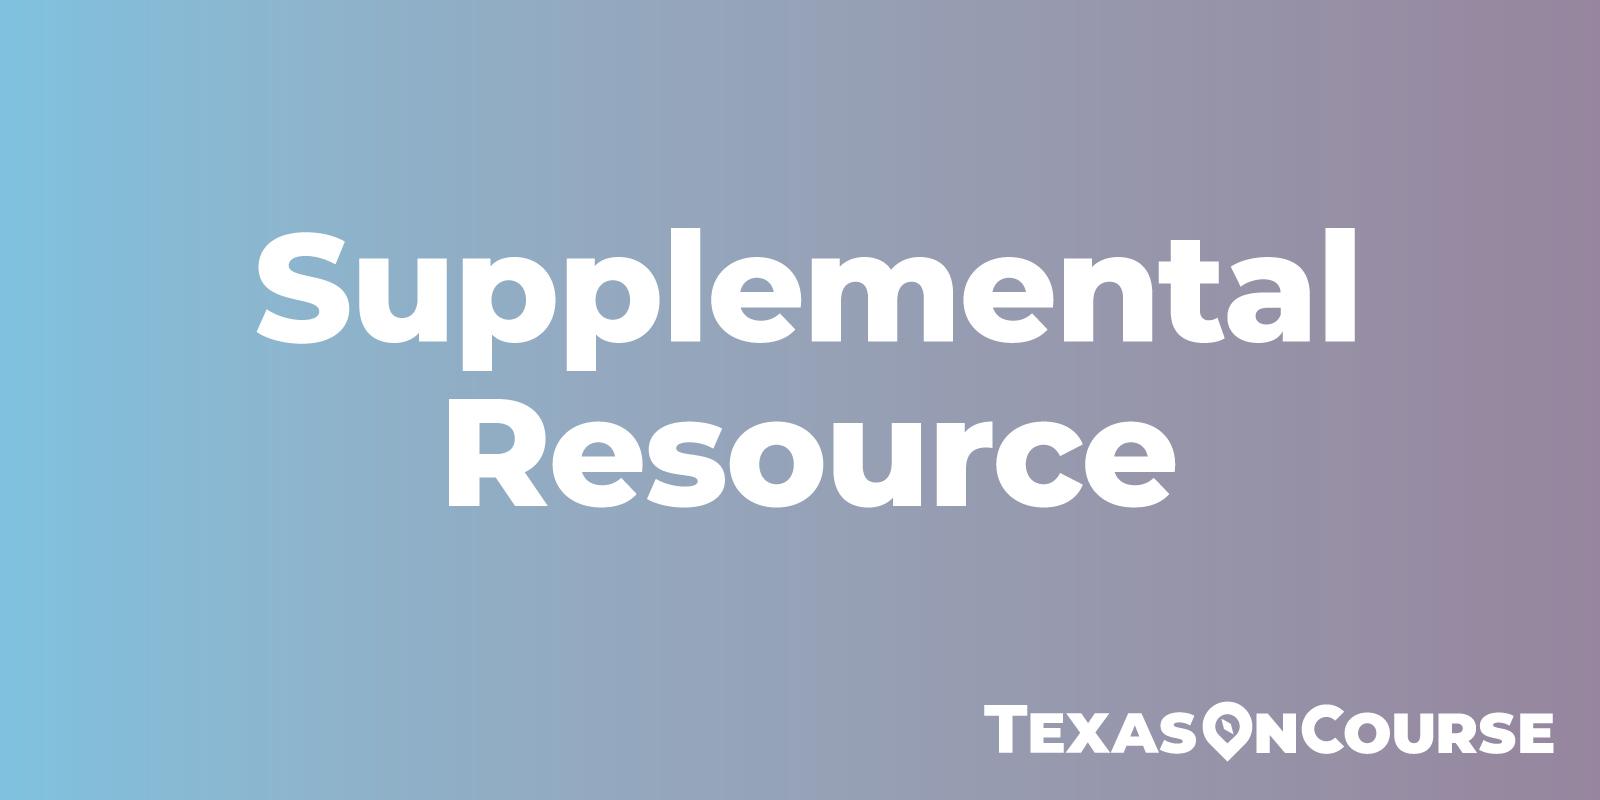 Supplemental resource